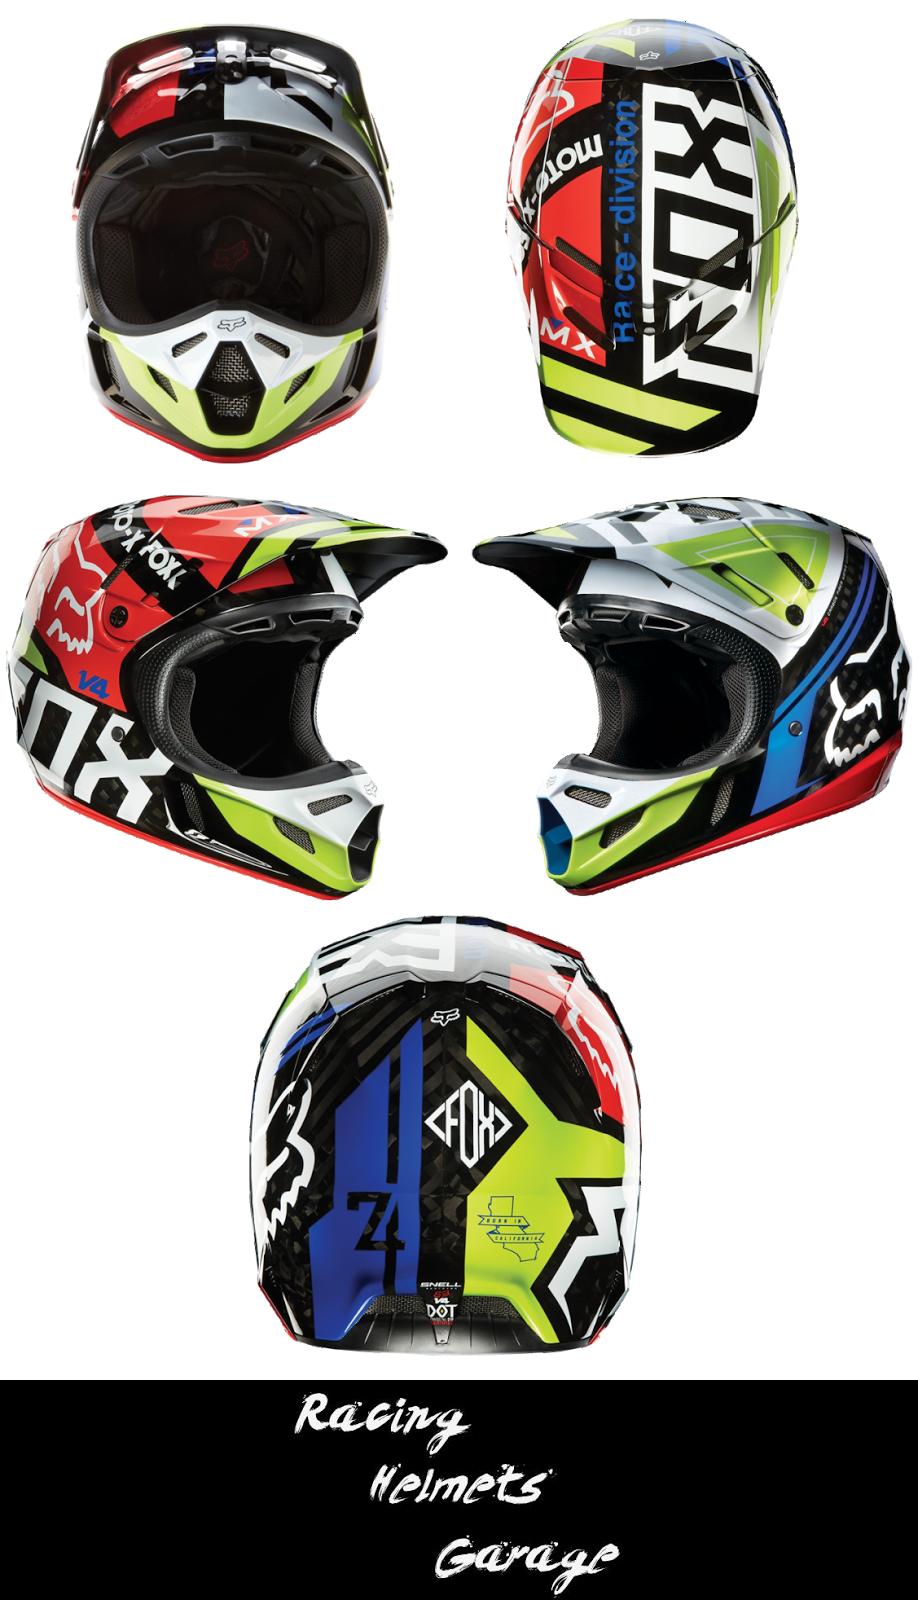 Racing Helmets Garage: Fox V4 2014